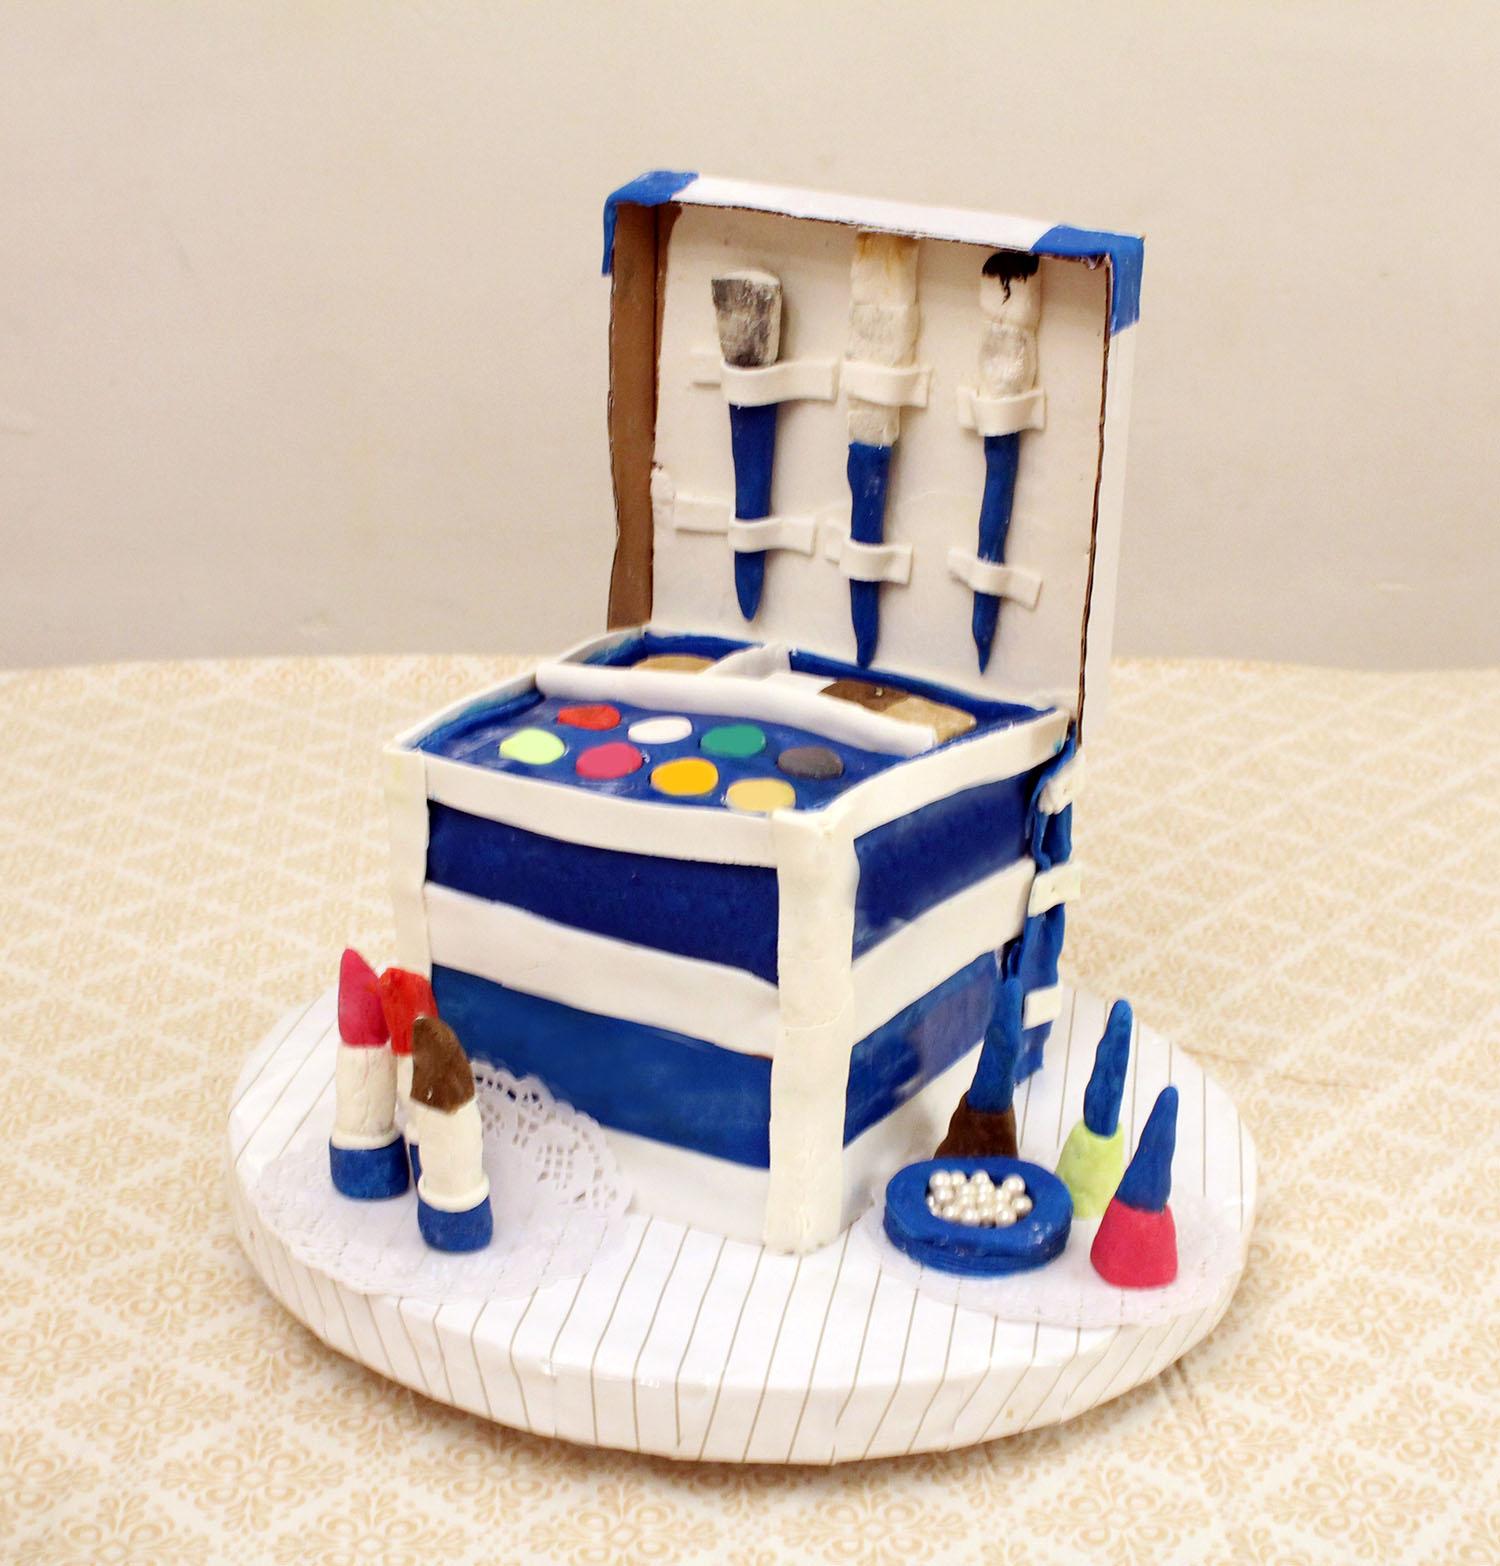 IMG 6418 - עוגה : סט איפור